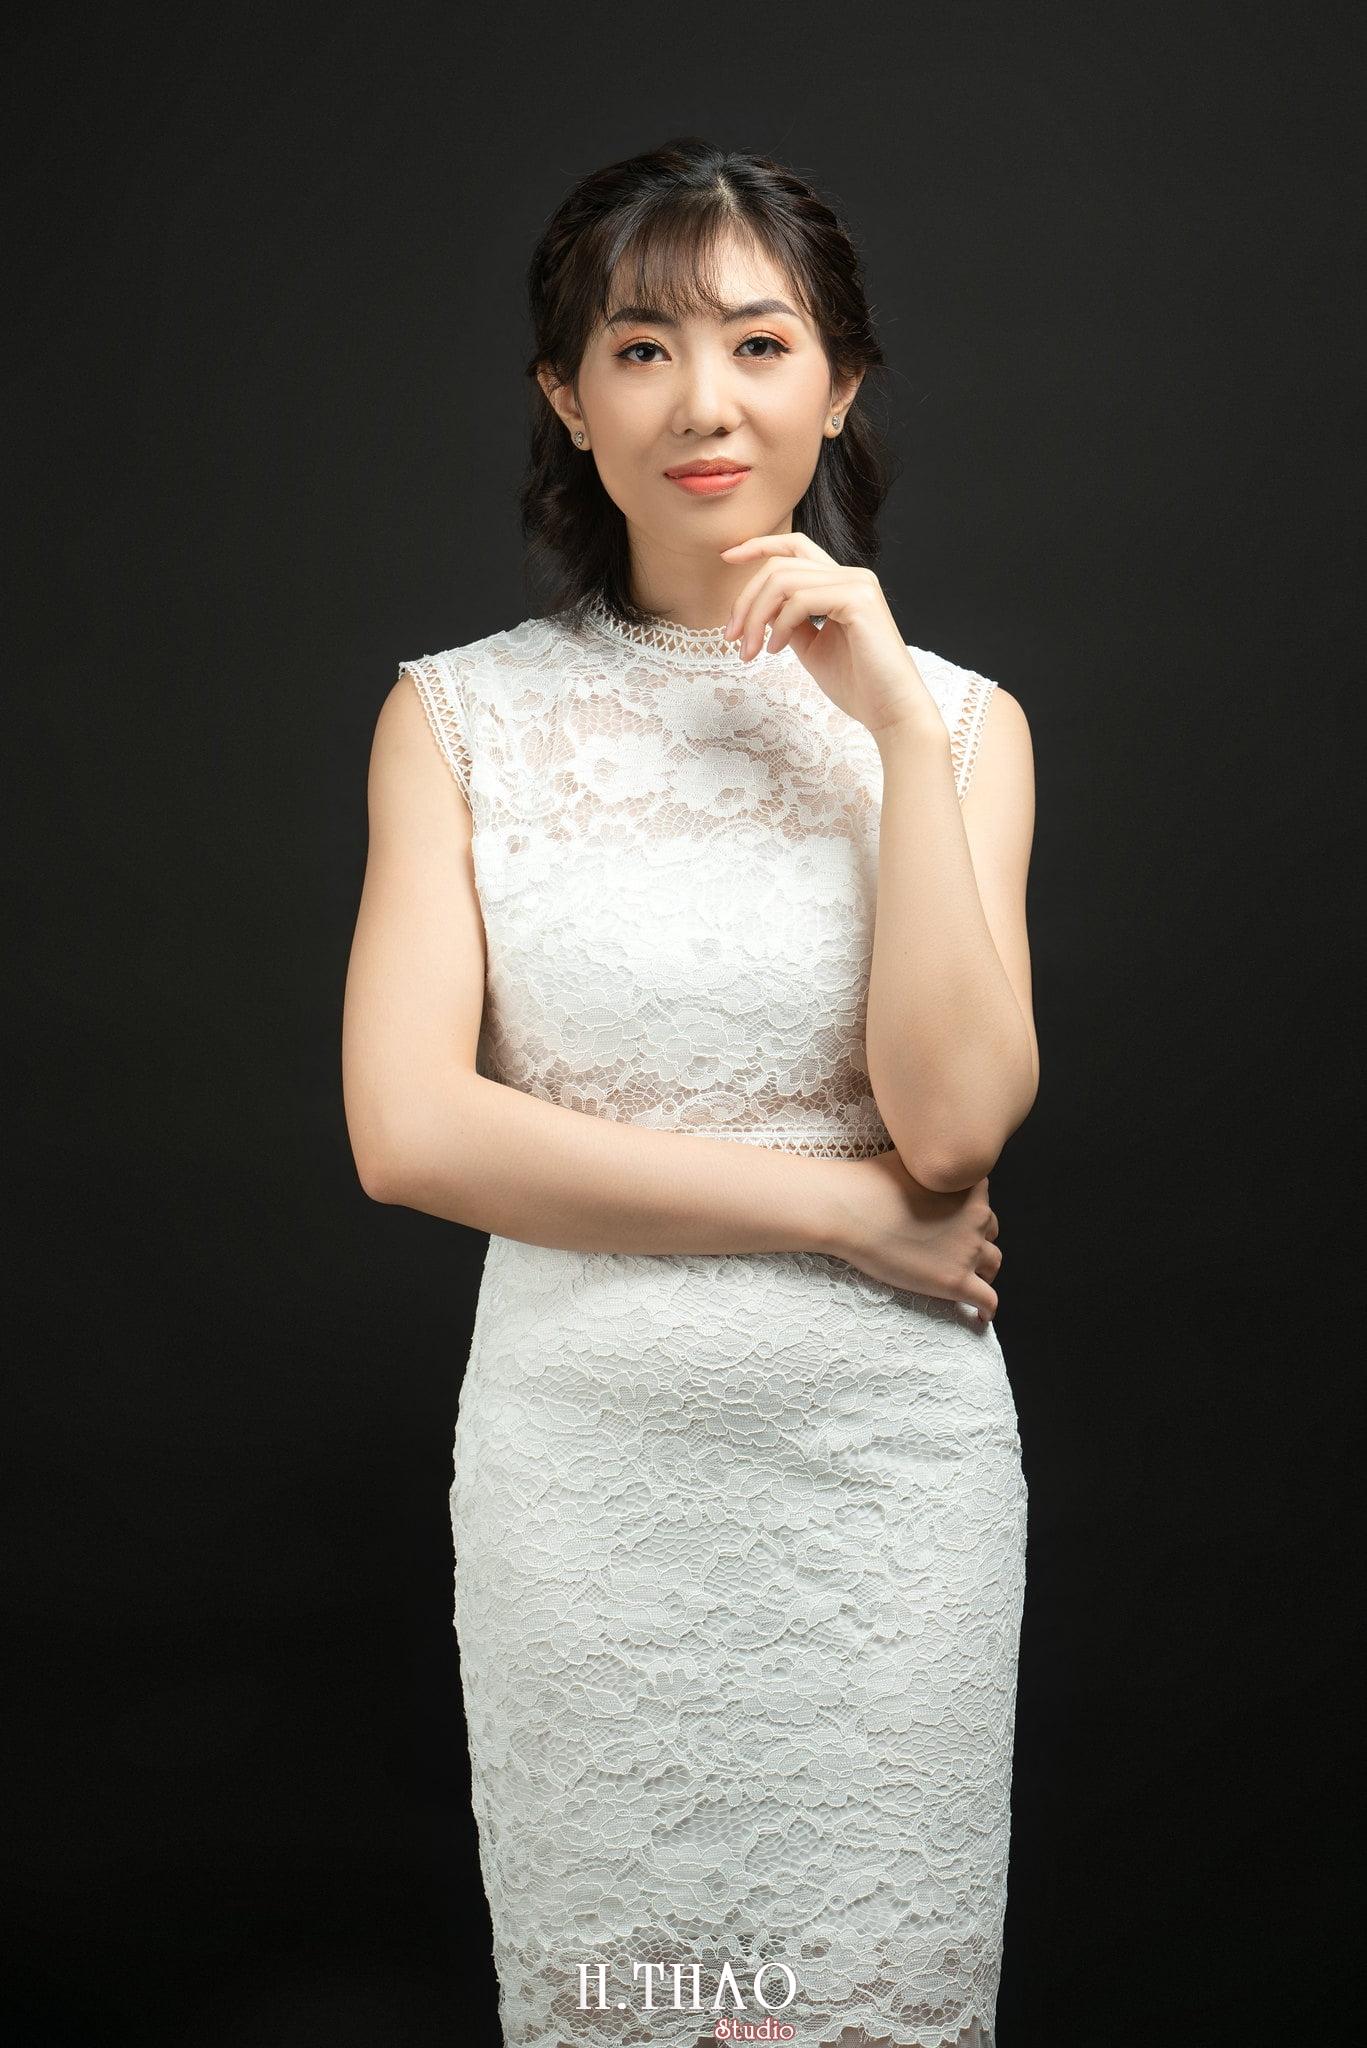 Minh Thuy 1 - Album ảnh profile cá nhân nữ Minh Thùy - HThao Studio